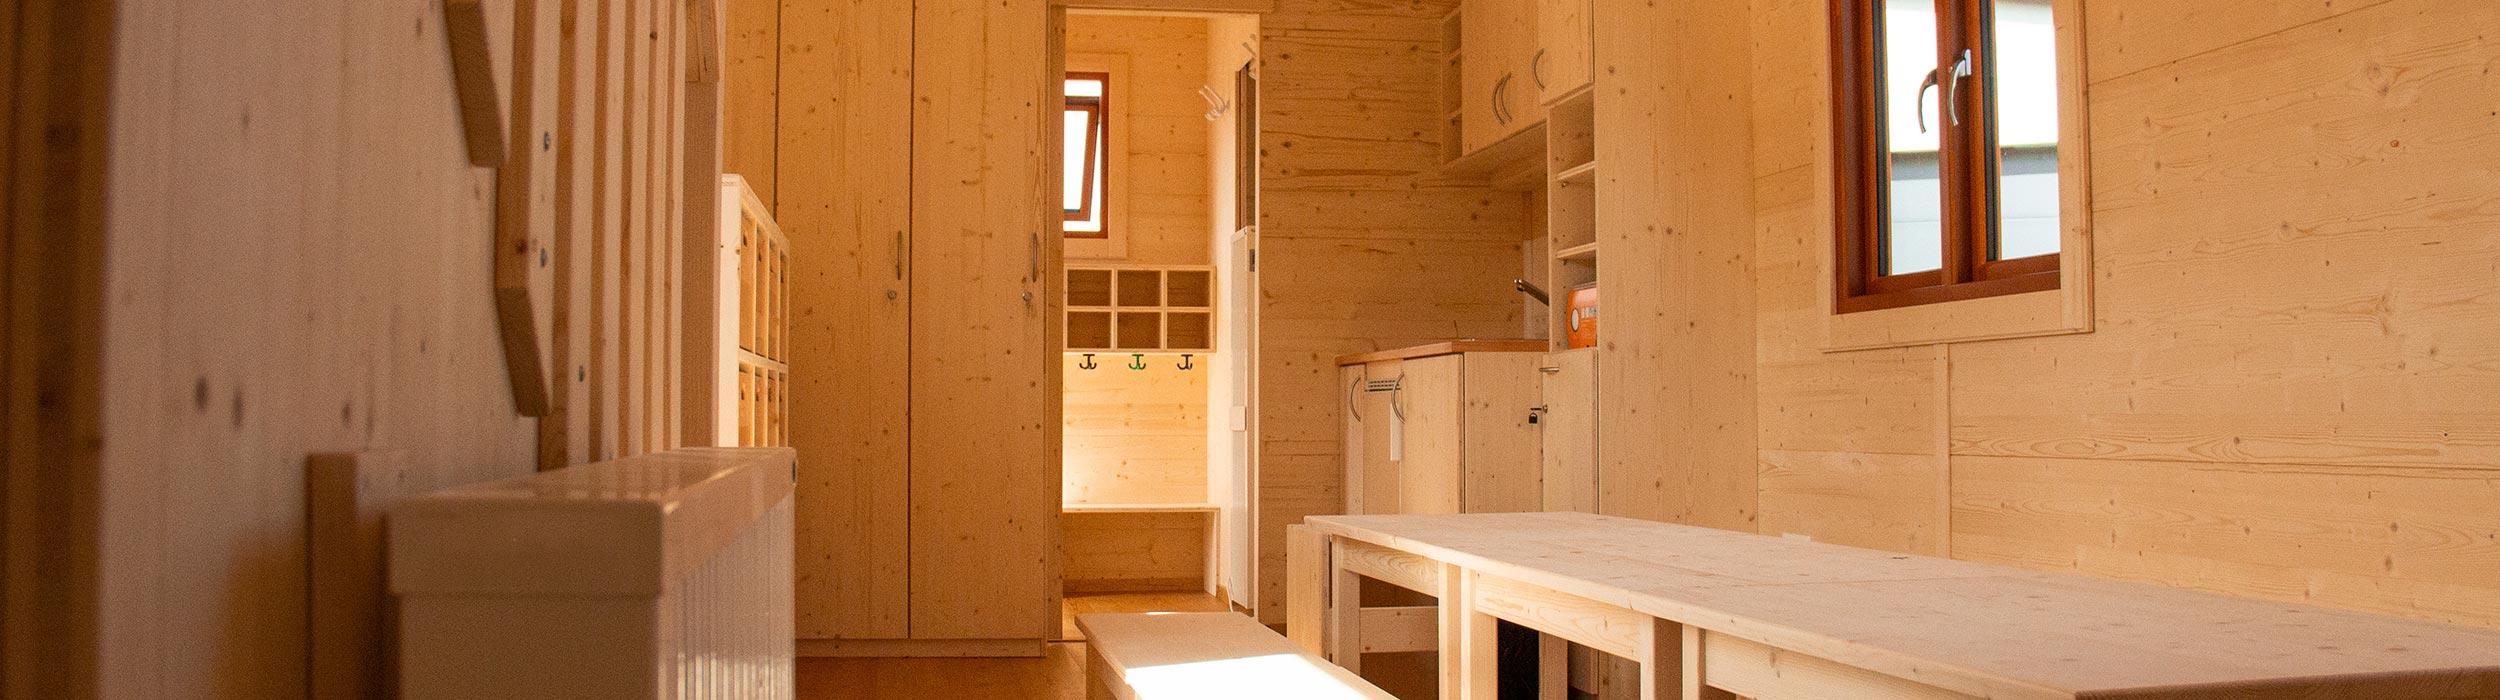 Tiny House innen mit Einrichtung